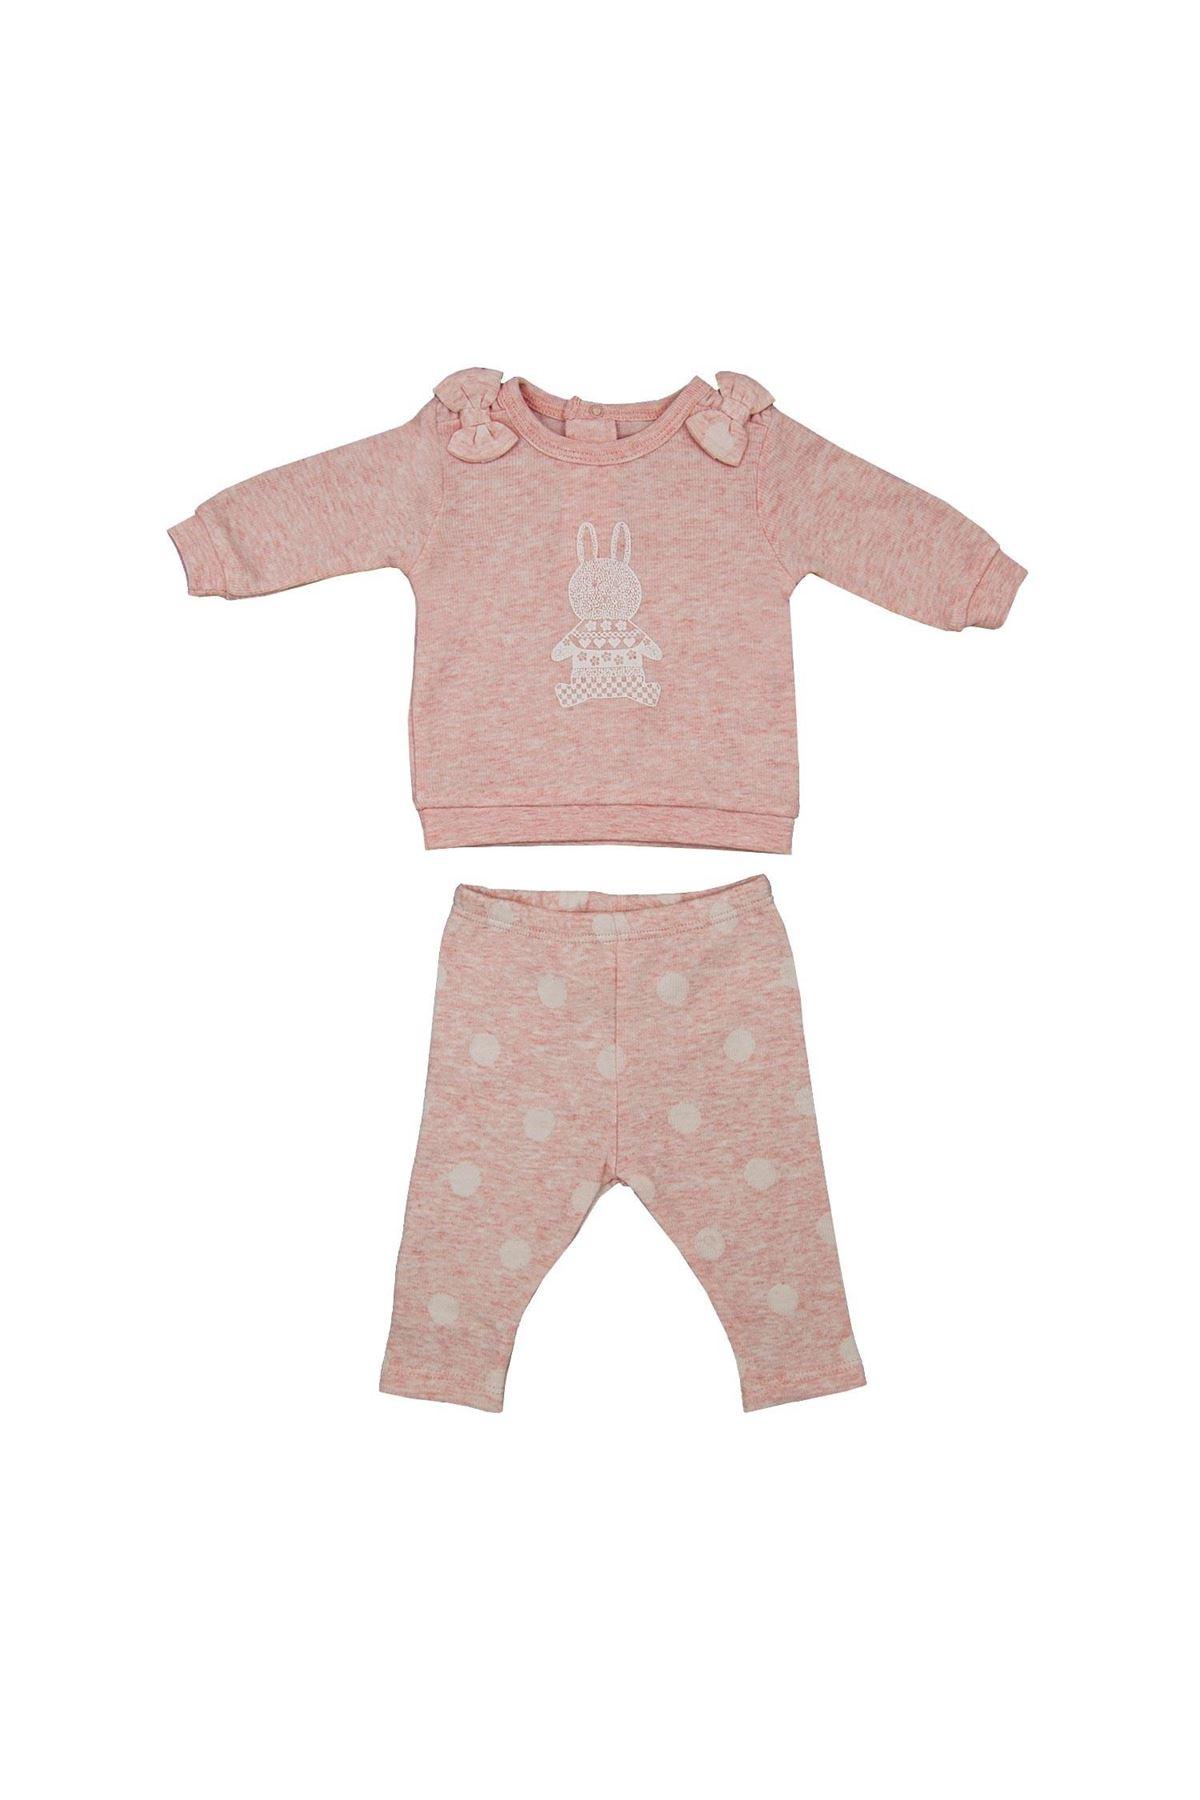 Andywawa AC21143 Polka Dot 2li Bebek Takım Pink